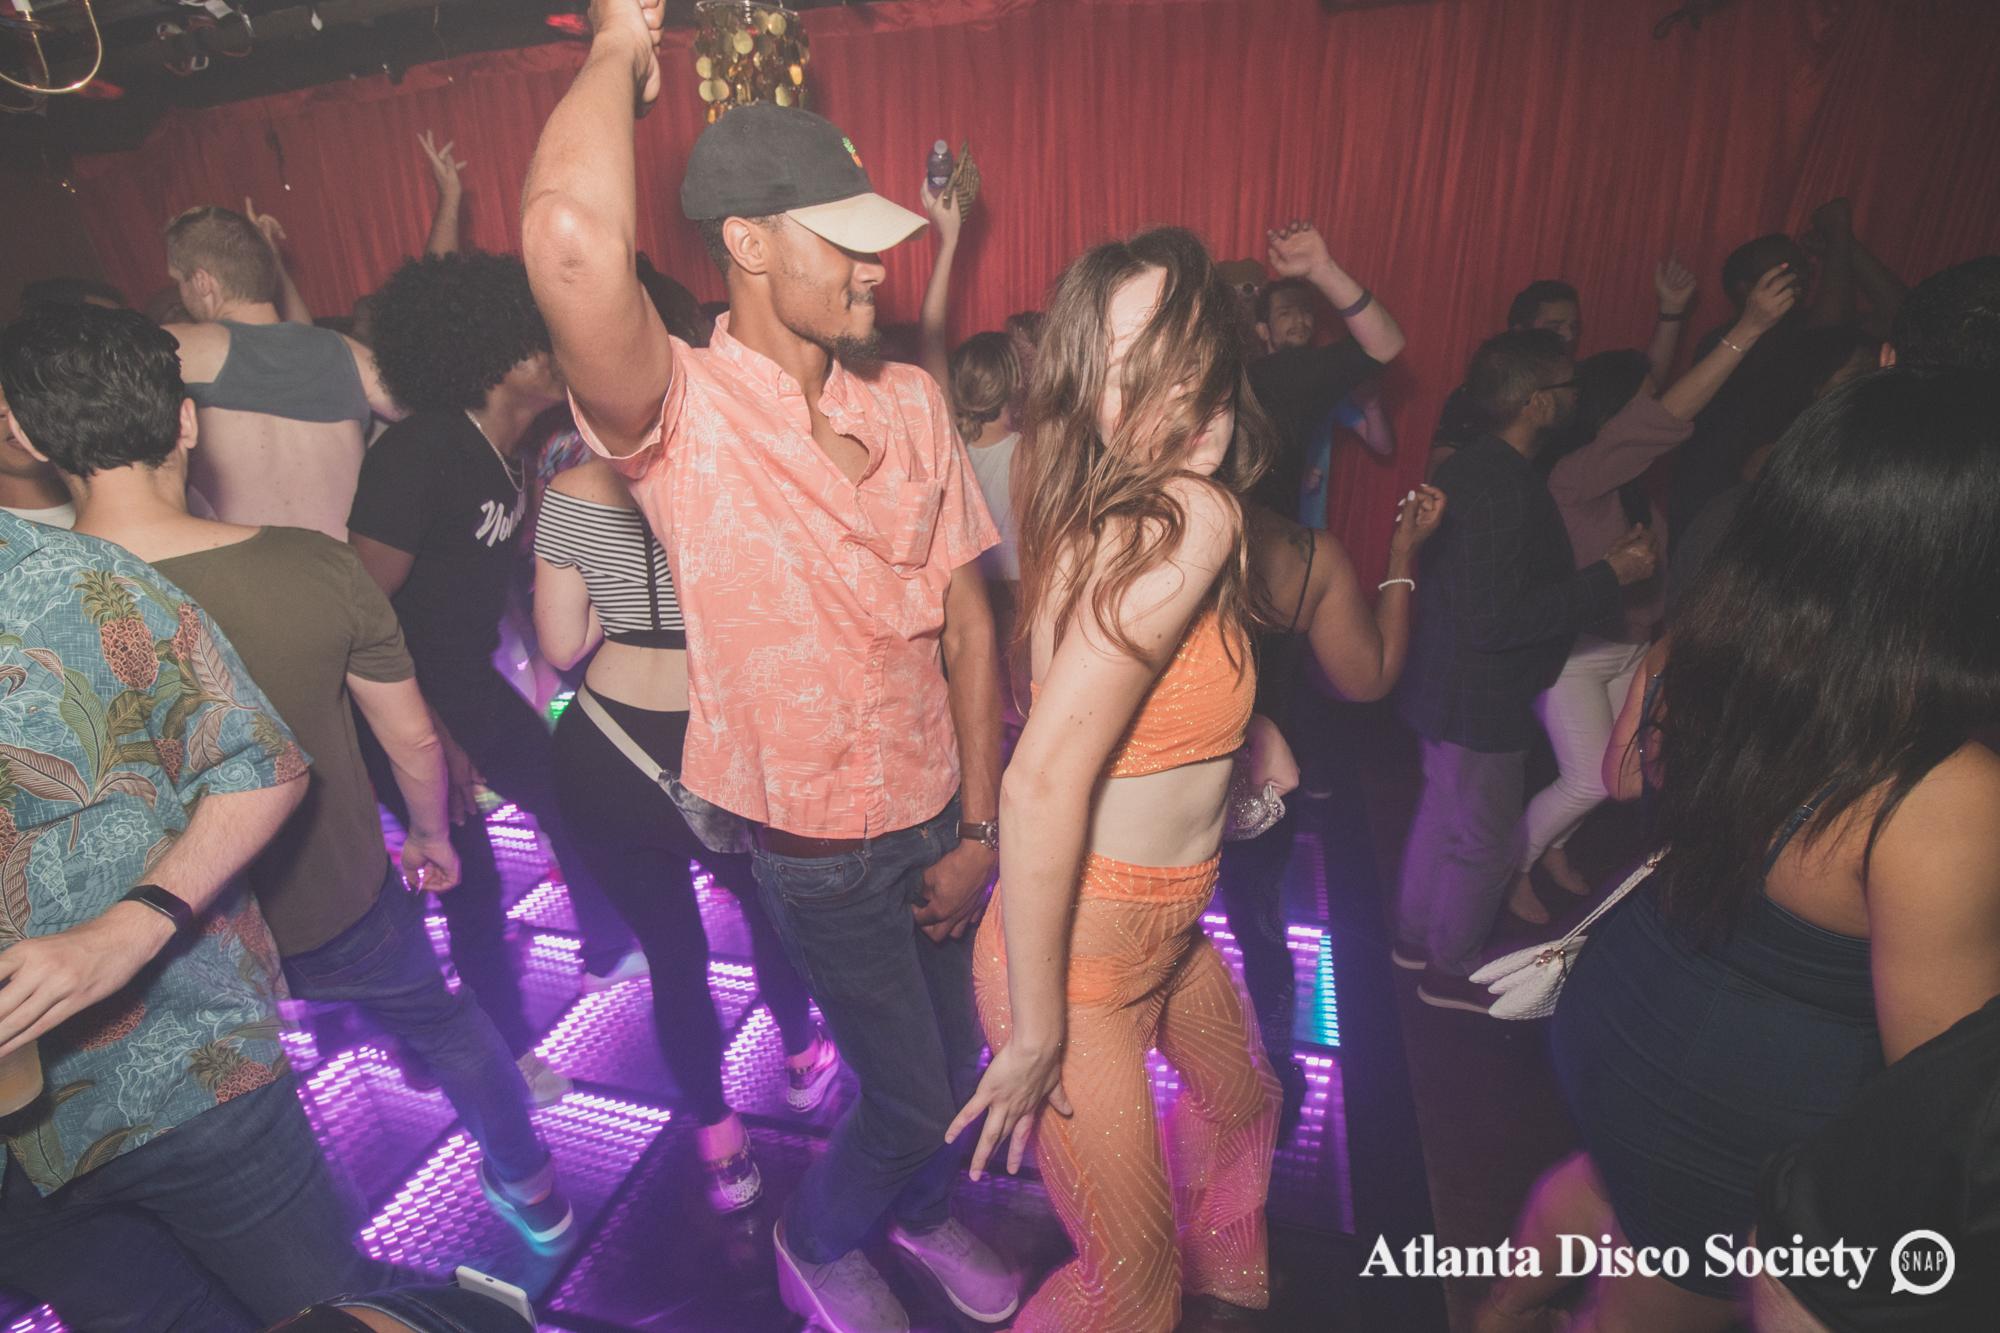 91Atlanta Disco Society Grace Kelly Oh Snap Kid 7.27.19.jpg